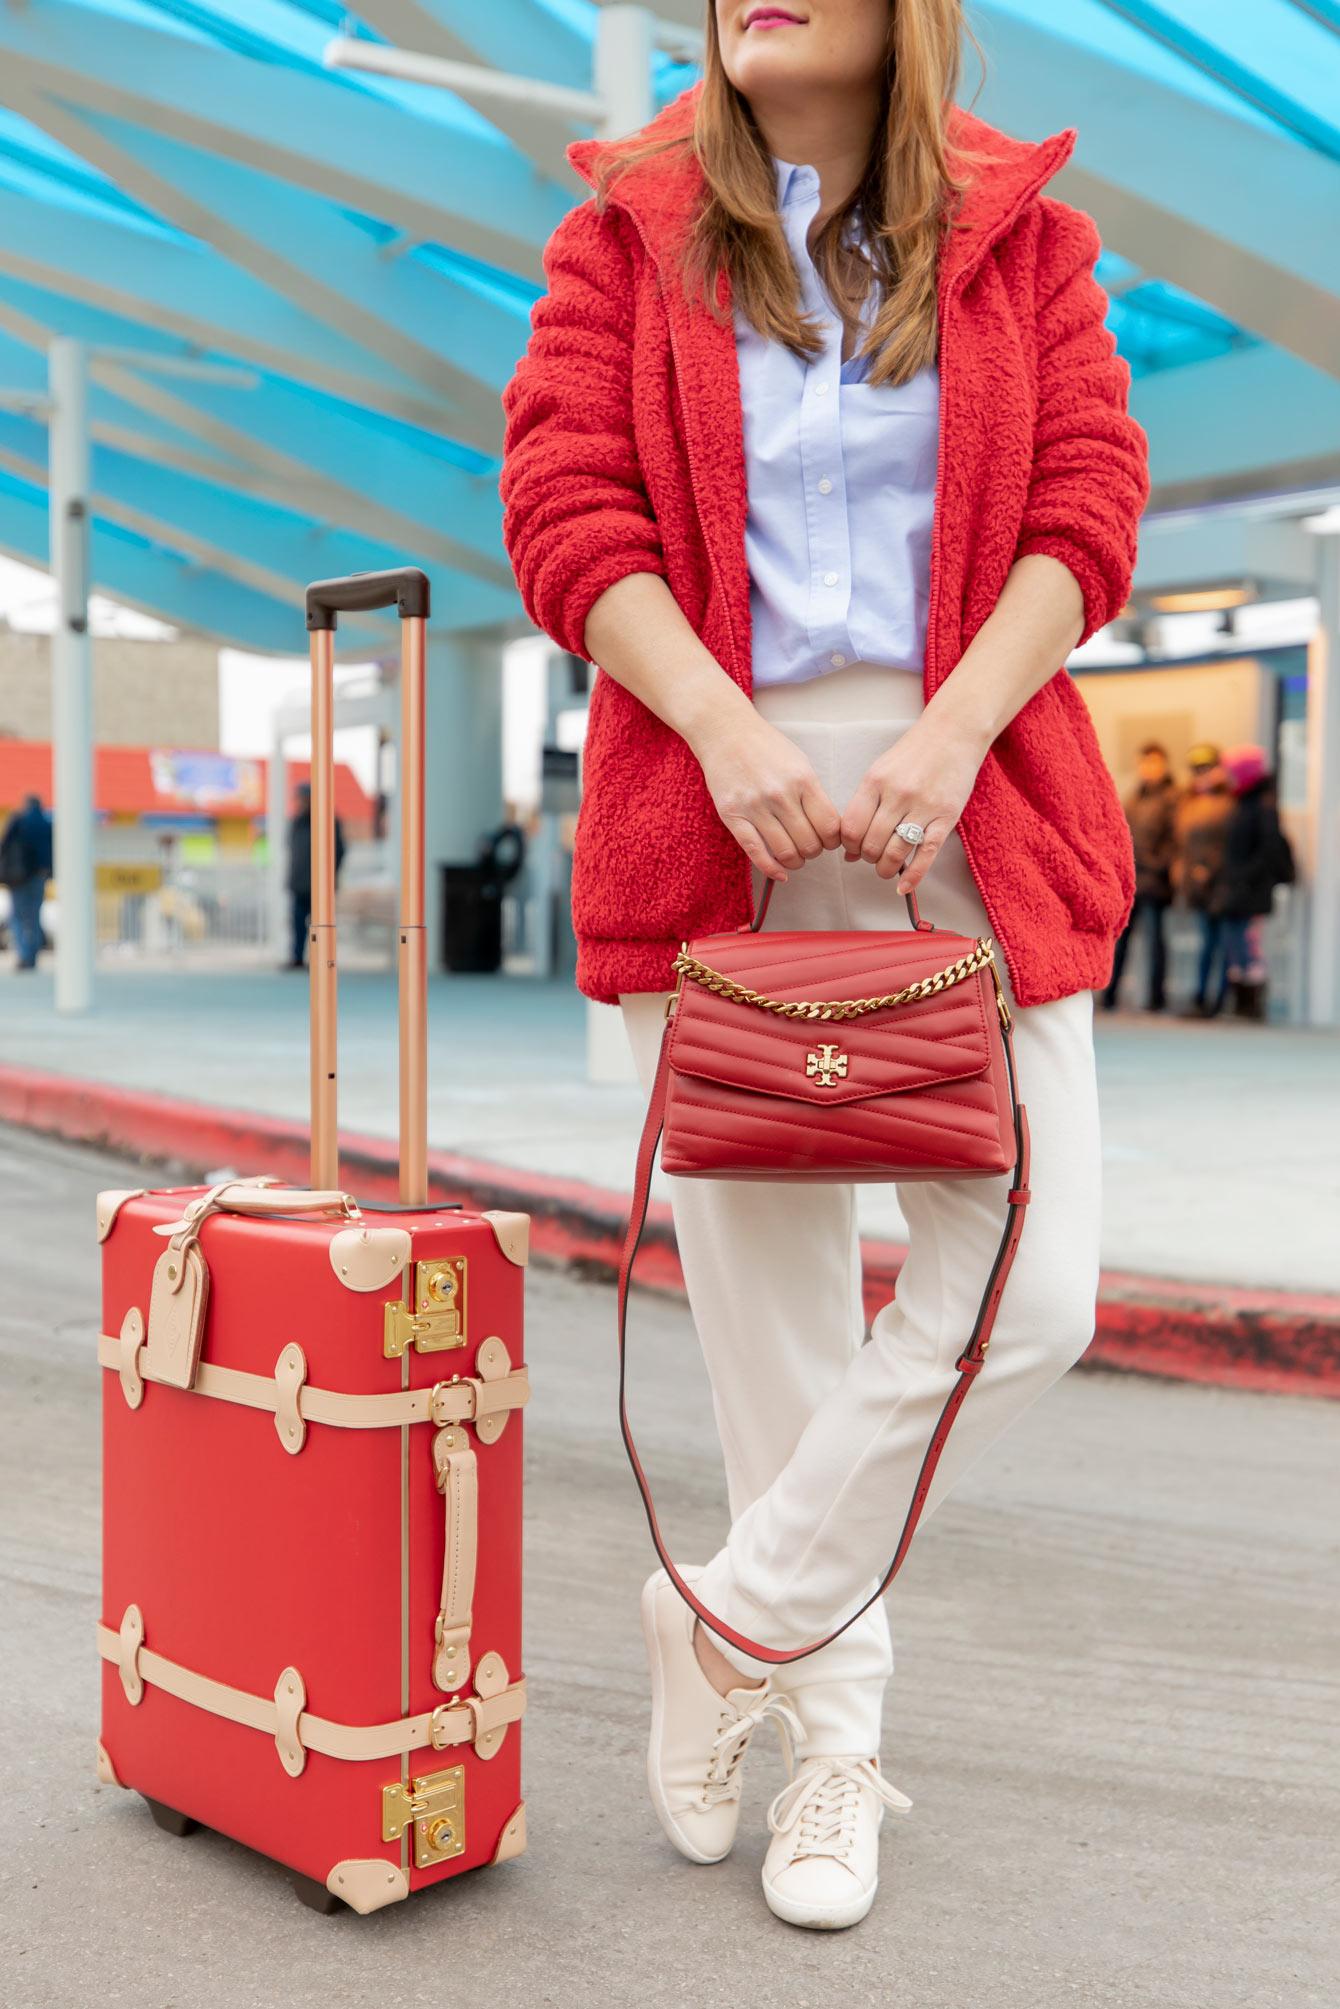 Tory Burch Kira Top Handle Bag